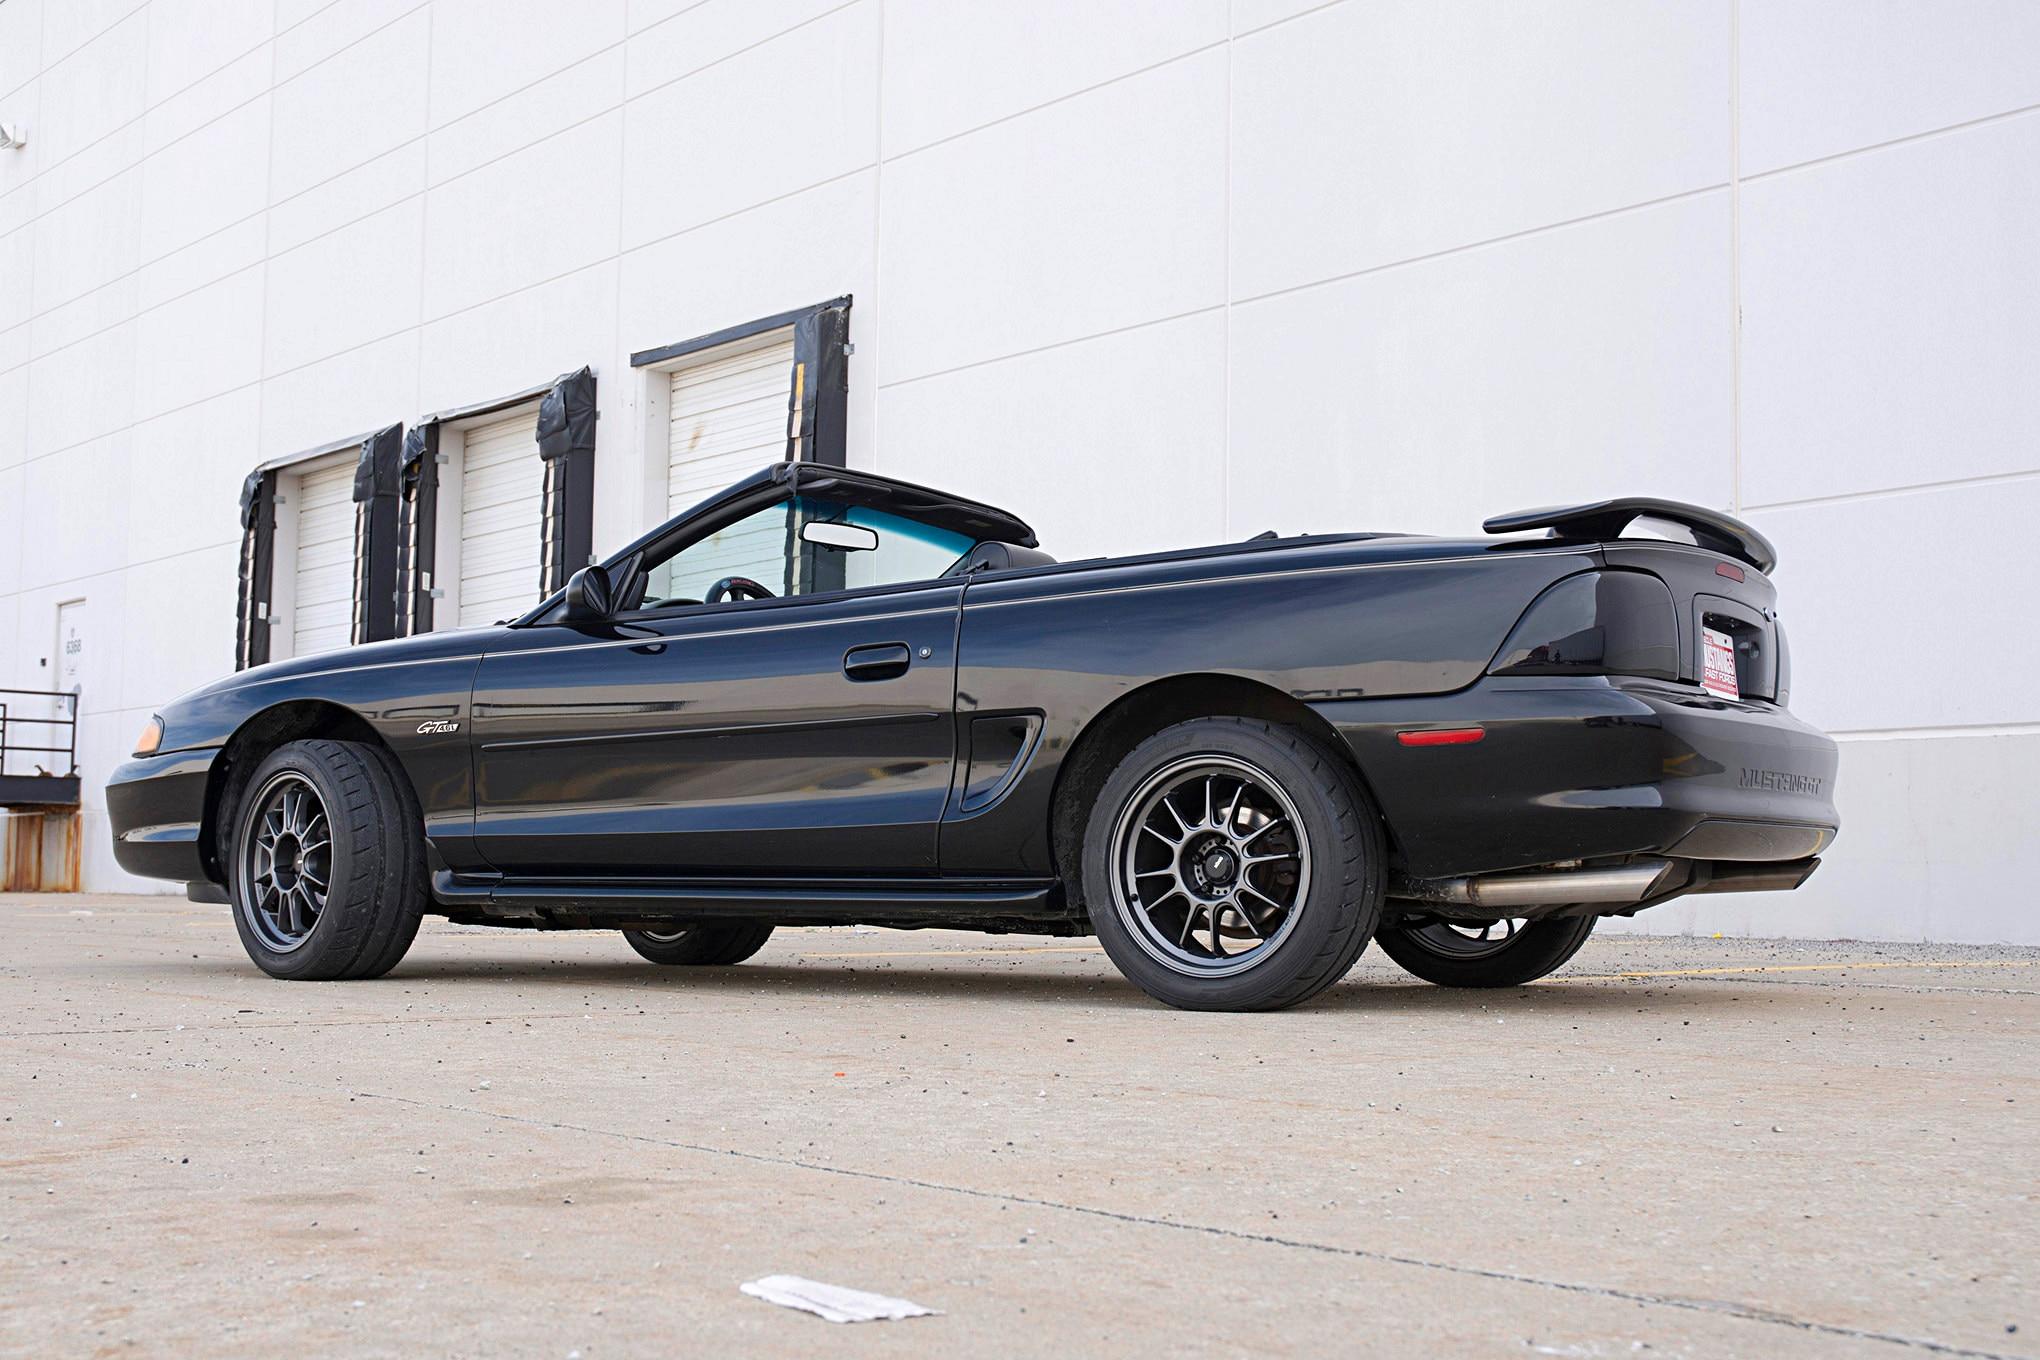 011 1997 Mustang Convertible Koenig Hypergram Nitto Nt05